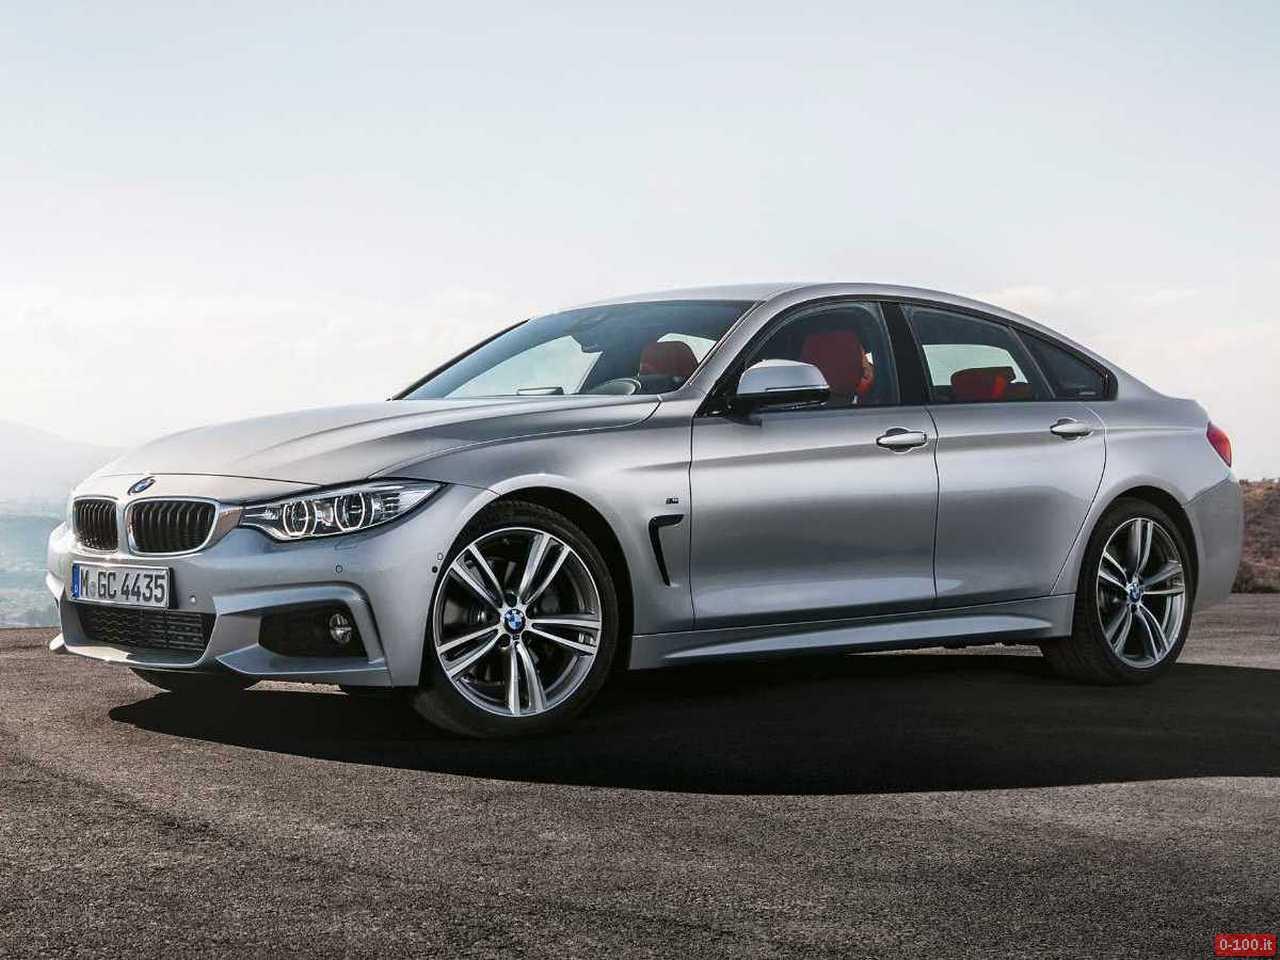 bmw-serie-4-gran-coupe-prezzo-price-ginevra-geneve-2014-0-100_6